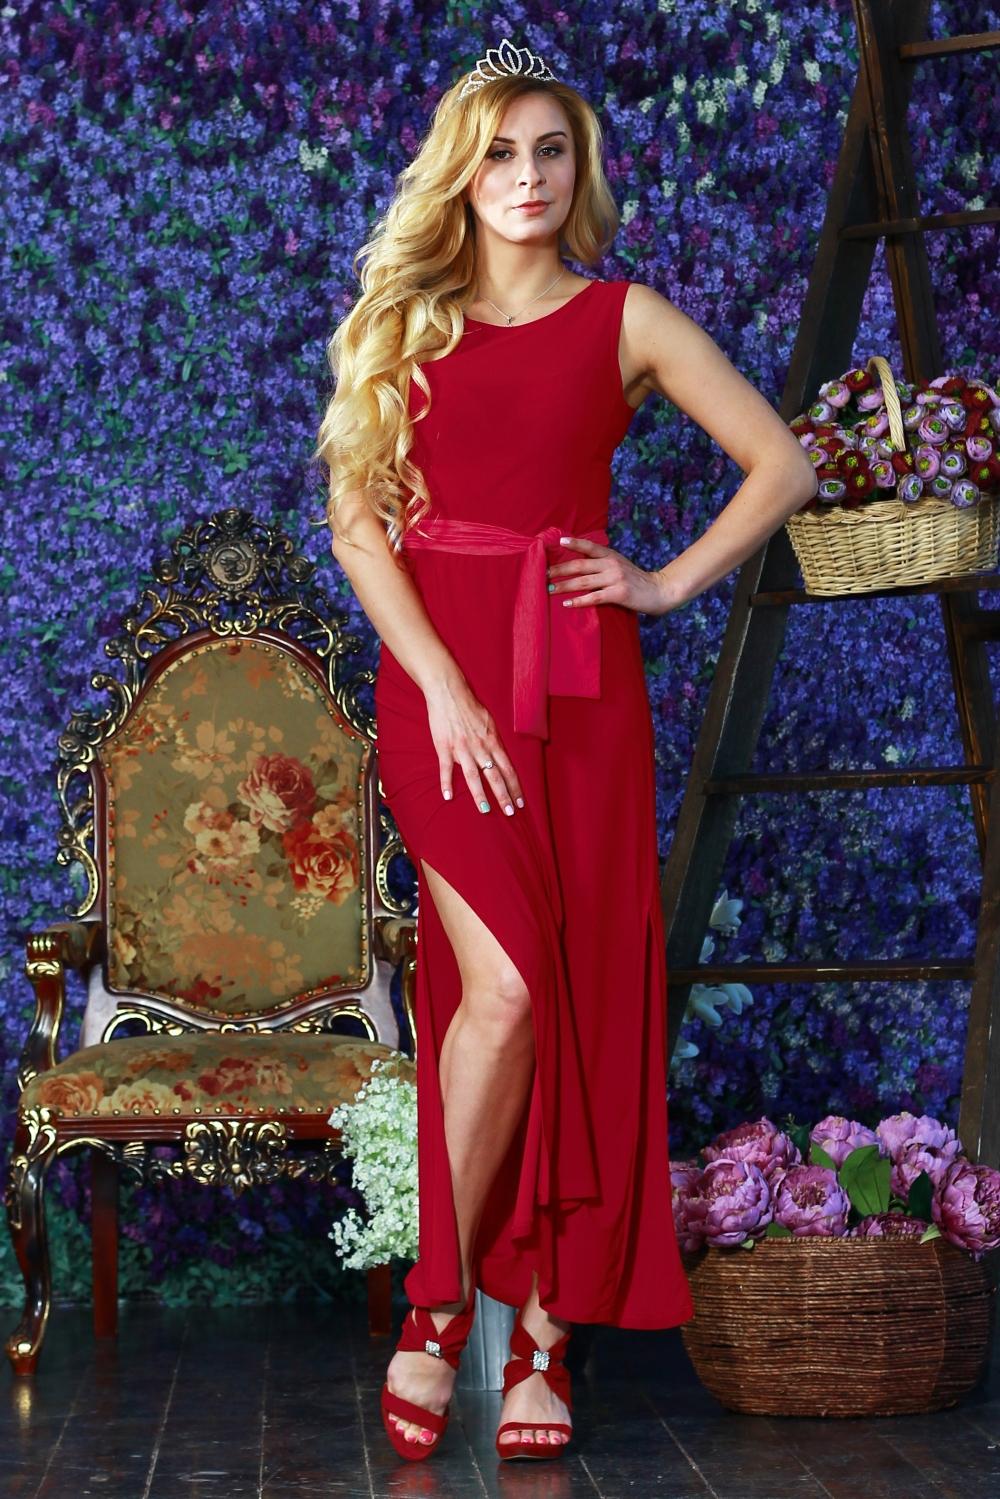 ПлатьеПлатья<br>Прелестное длинное платье из легкого струящегося трикотажного полотна. Платье отрезное по линии талии с отрезными бочками на полочке и спинке. Юбка прямая с высокими разрезами по боковым швам. Пояс в комплект не входит.  Цвет: красный.  Рост девушки-фотомодели 175 см<br><br>Горловина: С- горловина<br>По длине: Макси<br>По материалу: Вискоза,Трикотаж<br>По рисунку: Однотонные<br>По силуэту: Полуприталенные<br>По стилю: Летний стиль,Повседневный стиль,Нарядный стиль<br>По элементам: С разрезом<br>Разрез: Длинный<br>Рукав: Без рукавов<br>По сезону: Лето<br>Размер : 42,46,48,50,52,54<br>Материал: Холодное масло<br>Количество в наличии: 9